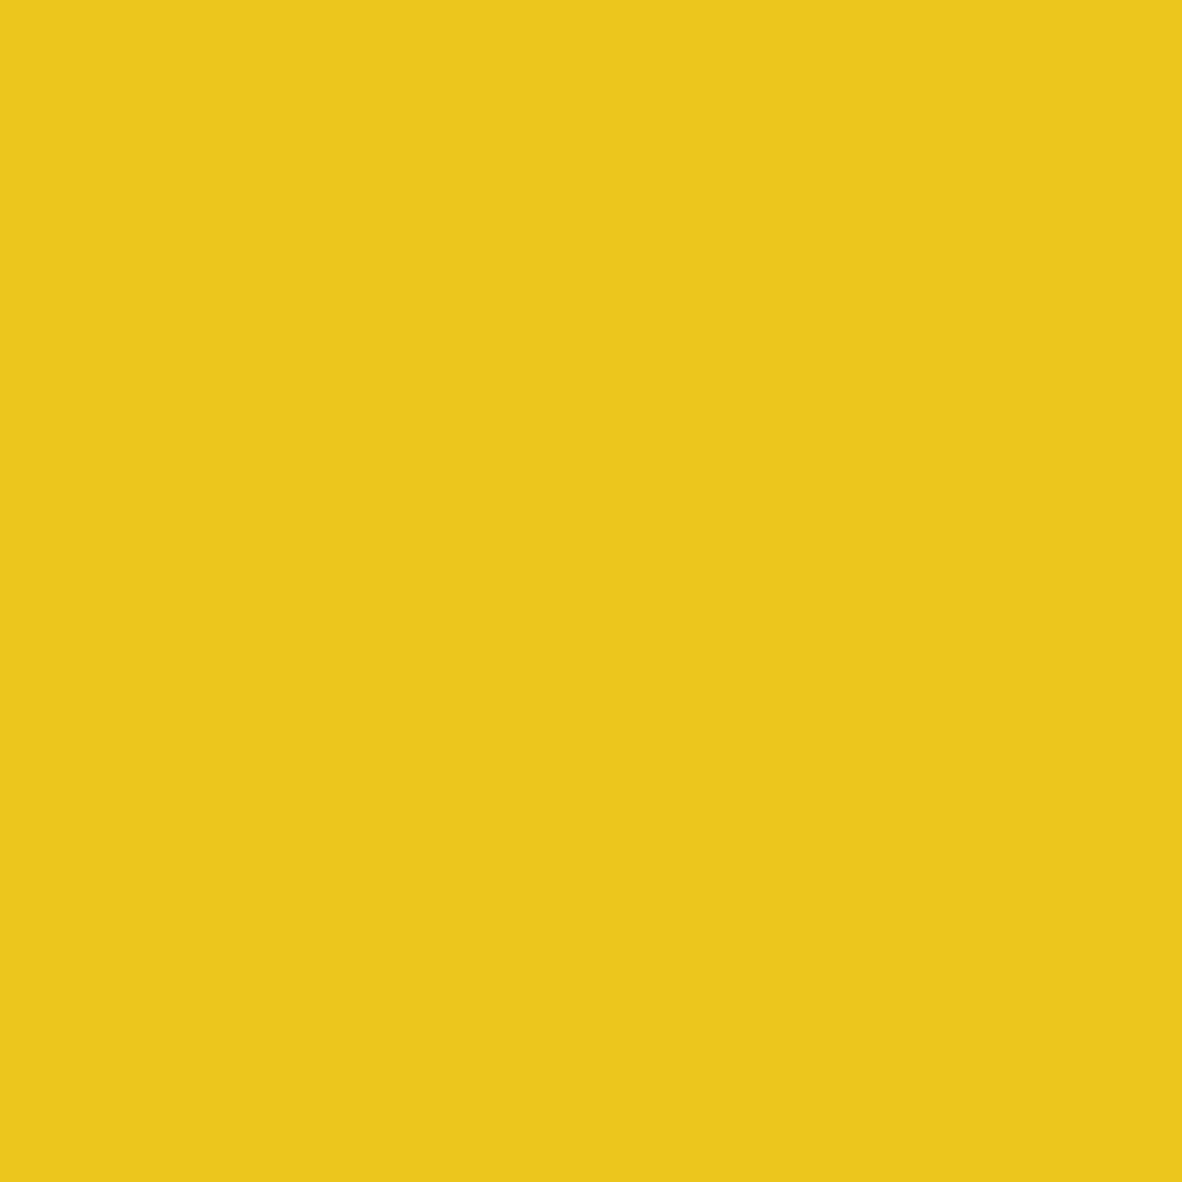 ไอคอน รั้วล้อมสัตว์ของรั้วตาข่ายถักปม รุ่นสูง 90 ซม.